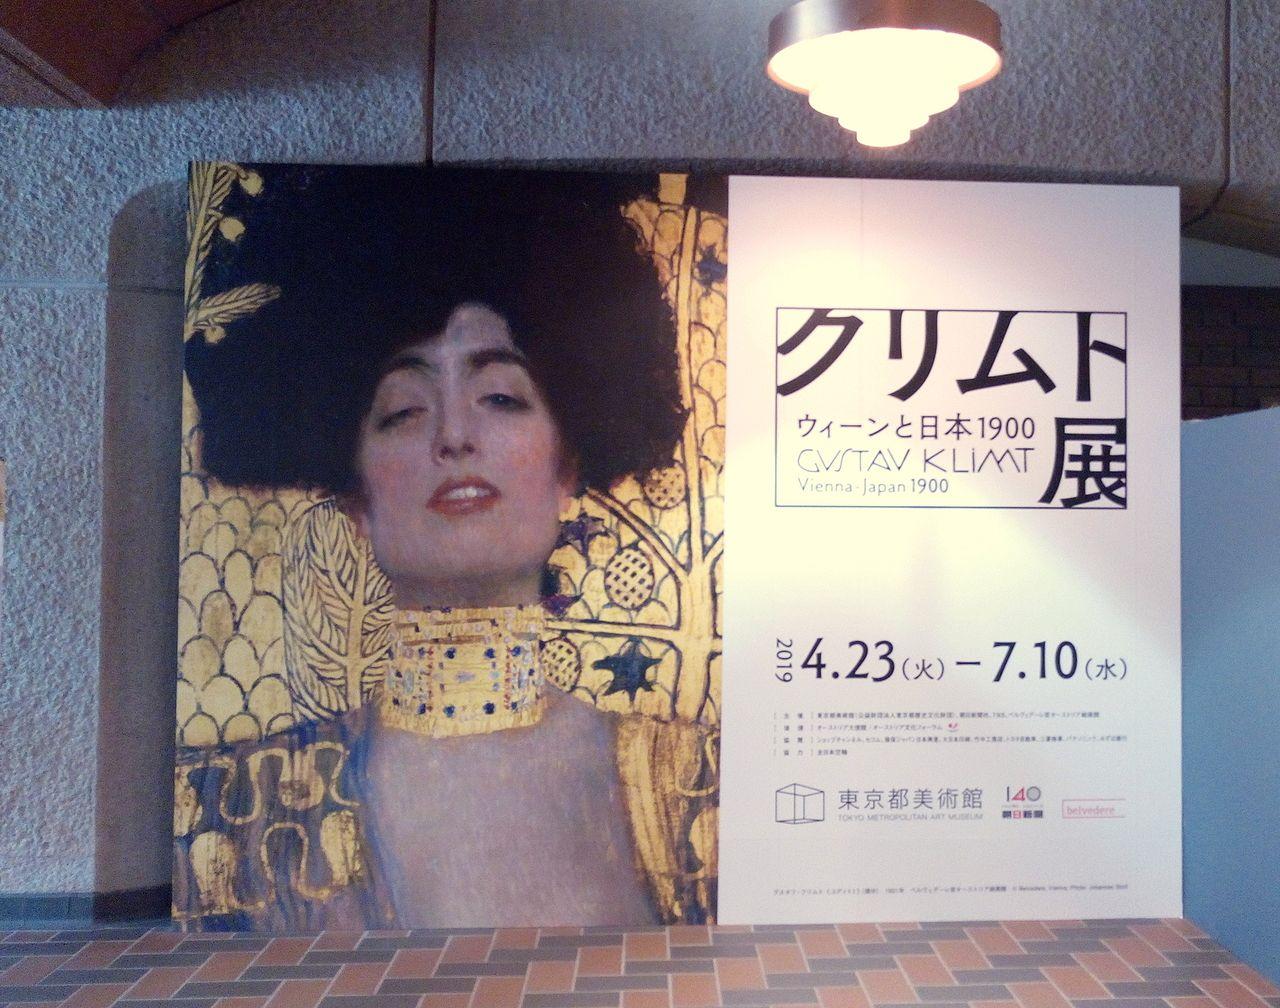 甘美で妖艶、そして純粋な作品に会いに行く。東京都美術館「クリムト展ウィーンと日本1900」